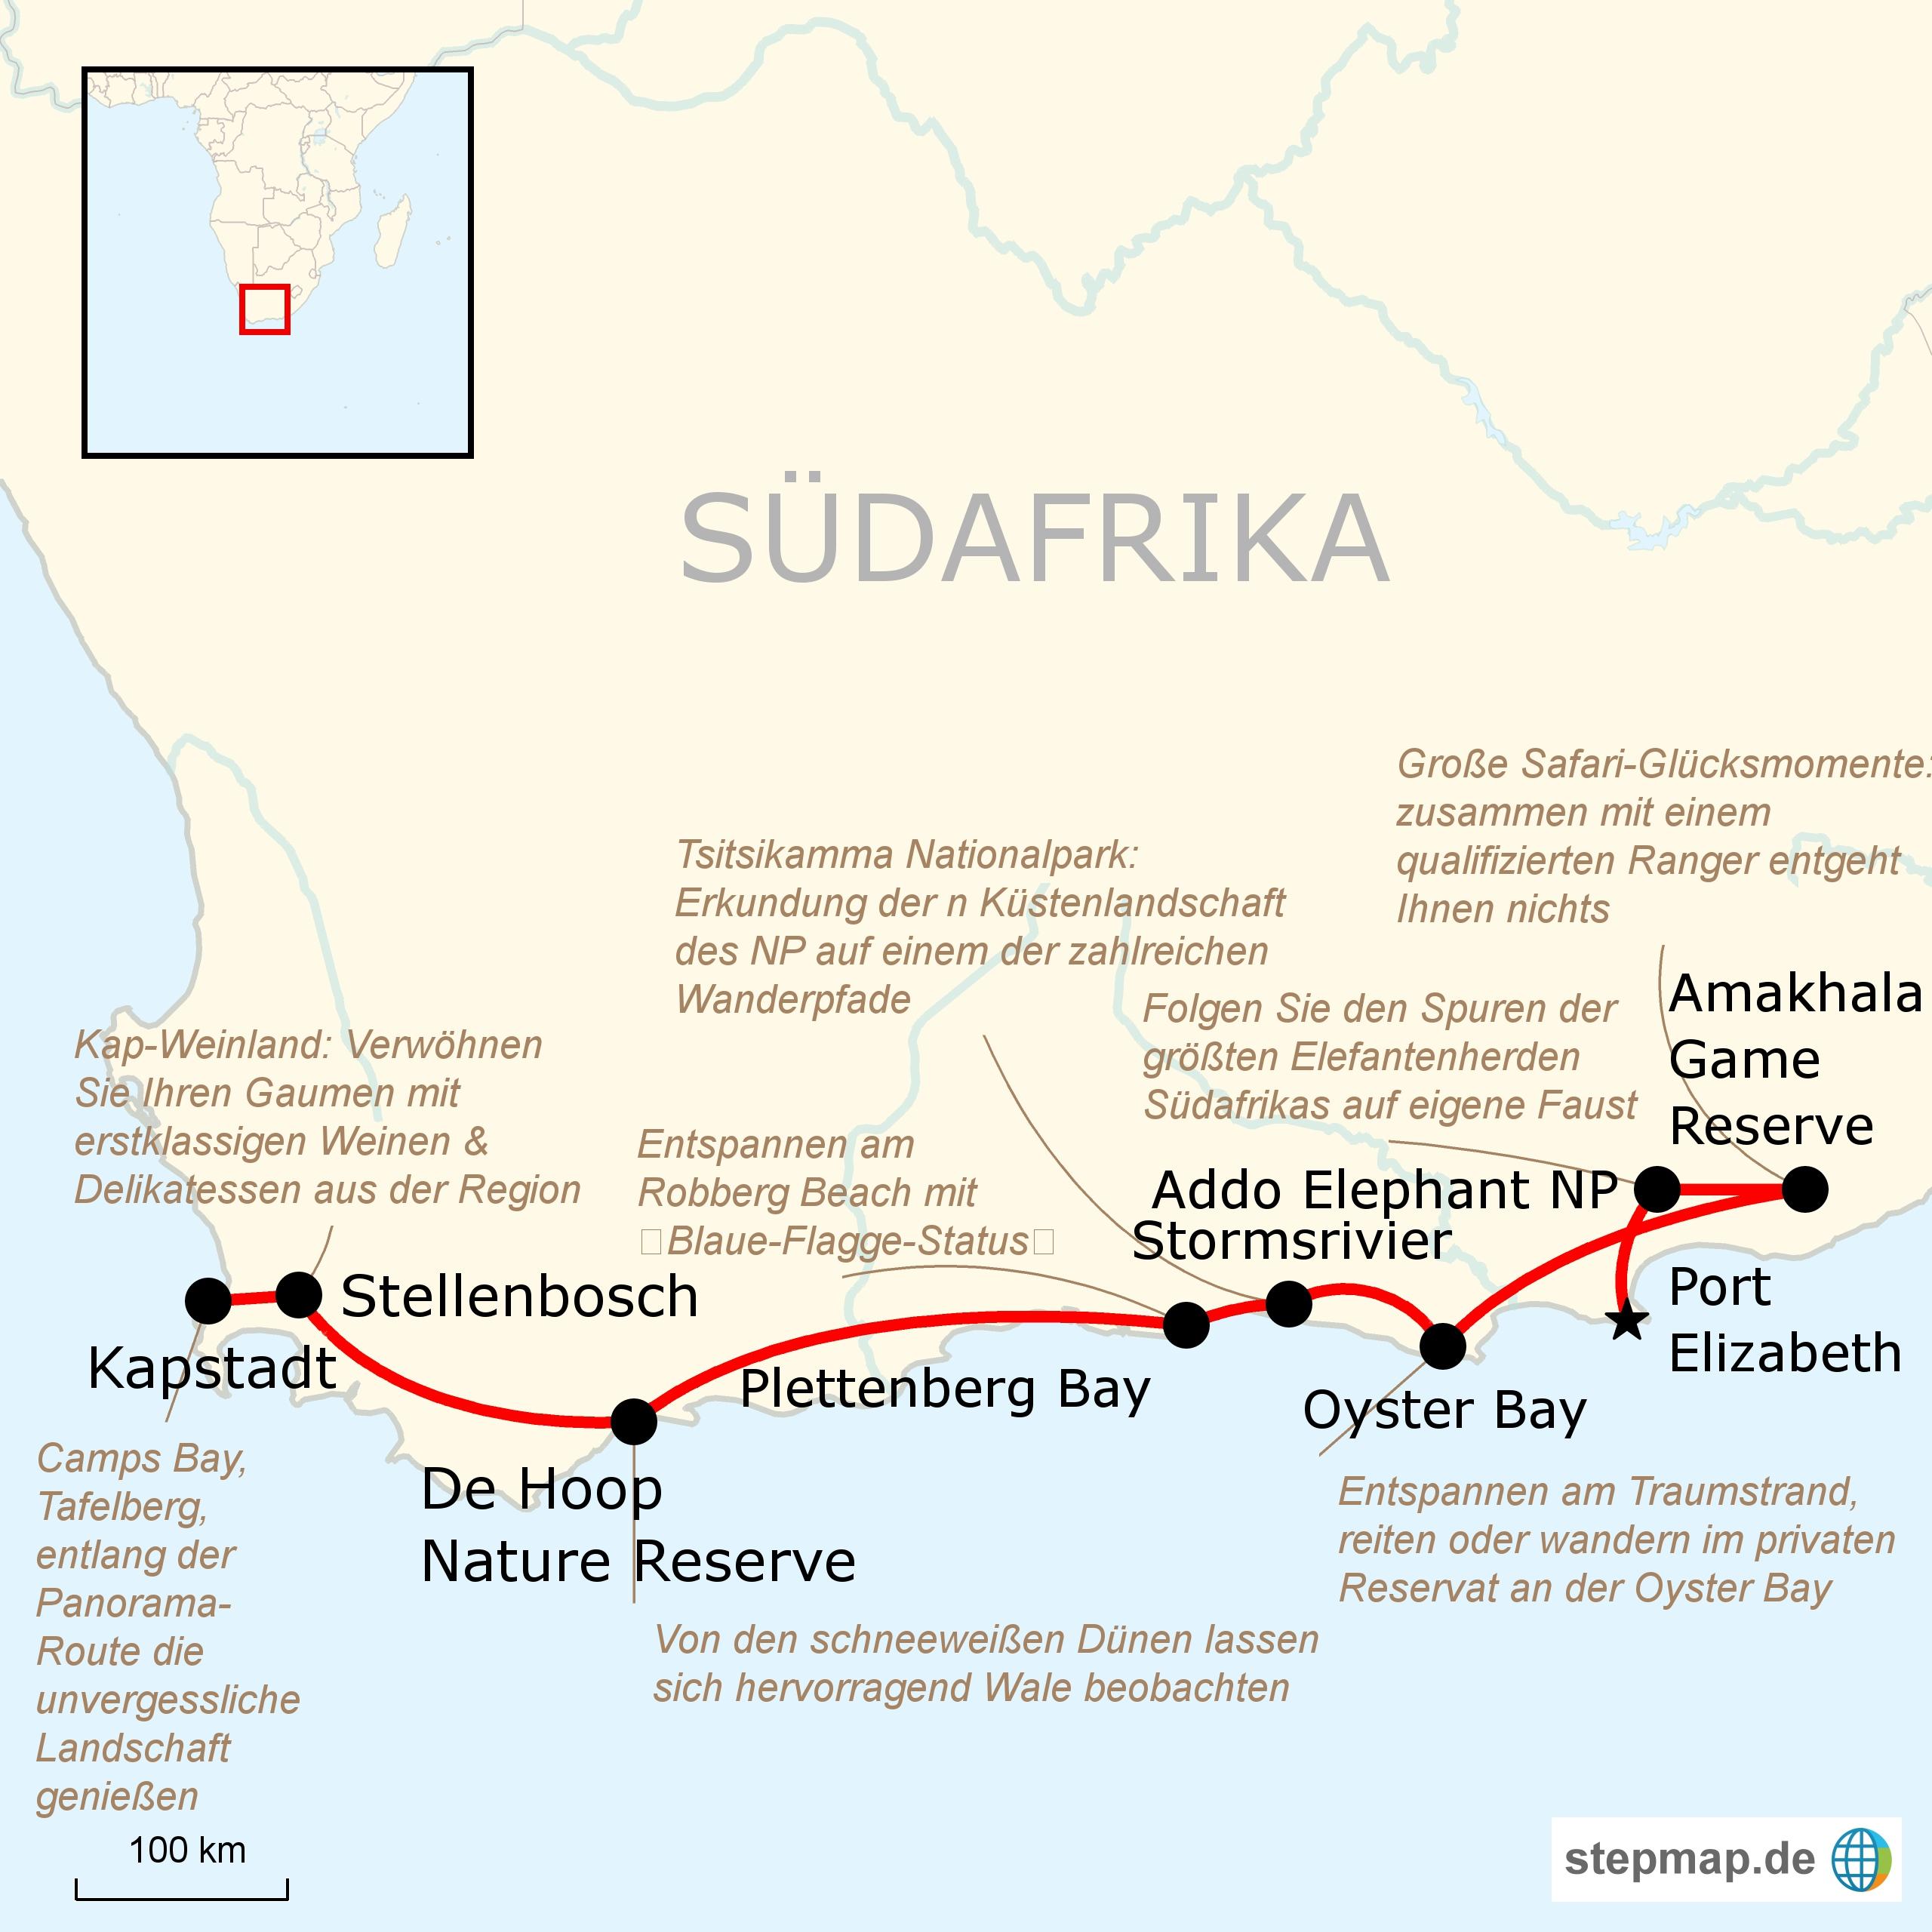 sudafrika auf eigene faust entlang der garden route With katzennetz balkon mit garden route trip